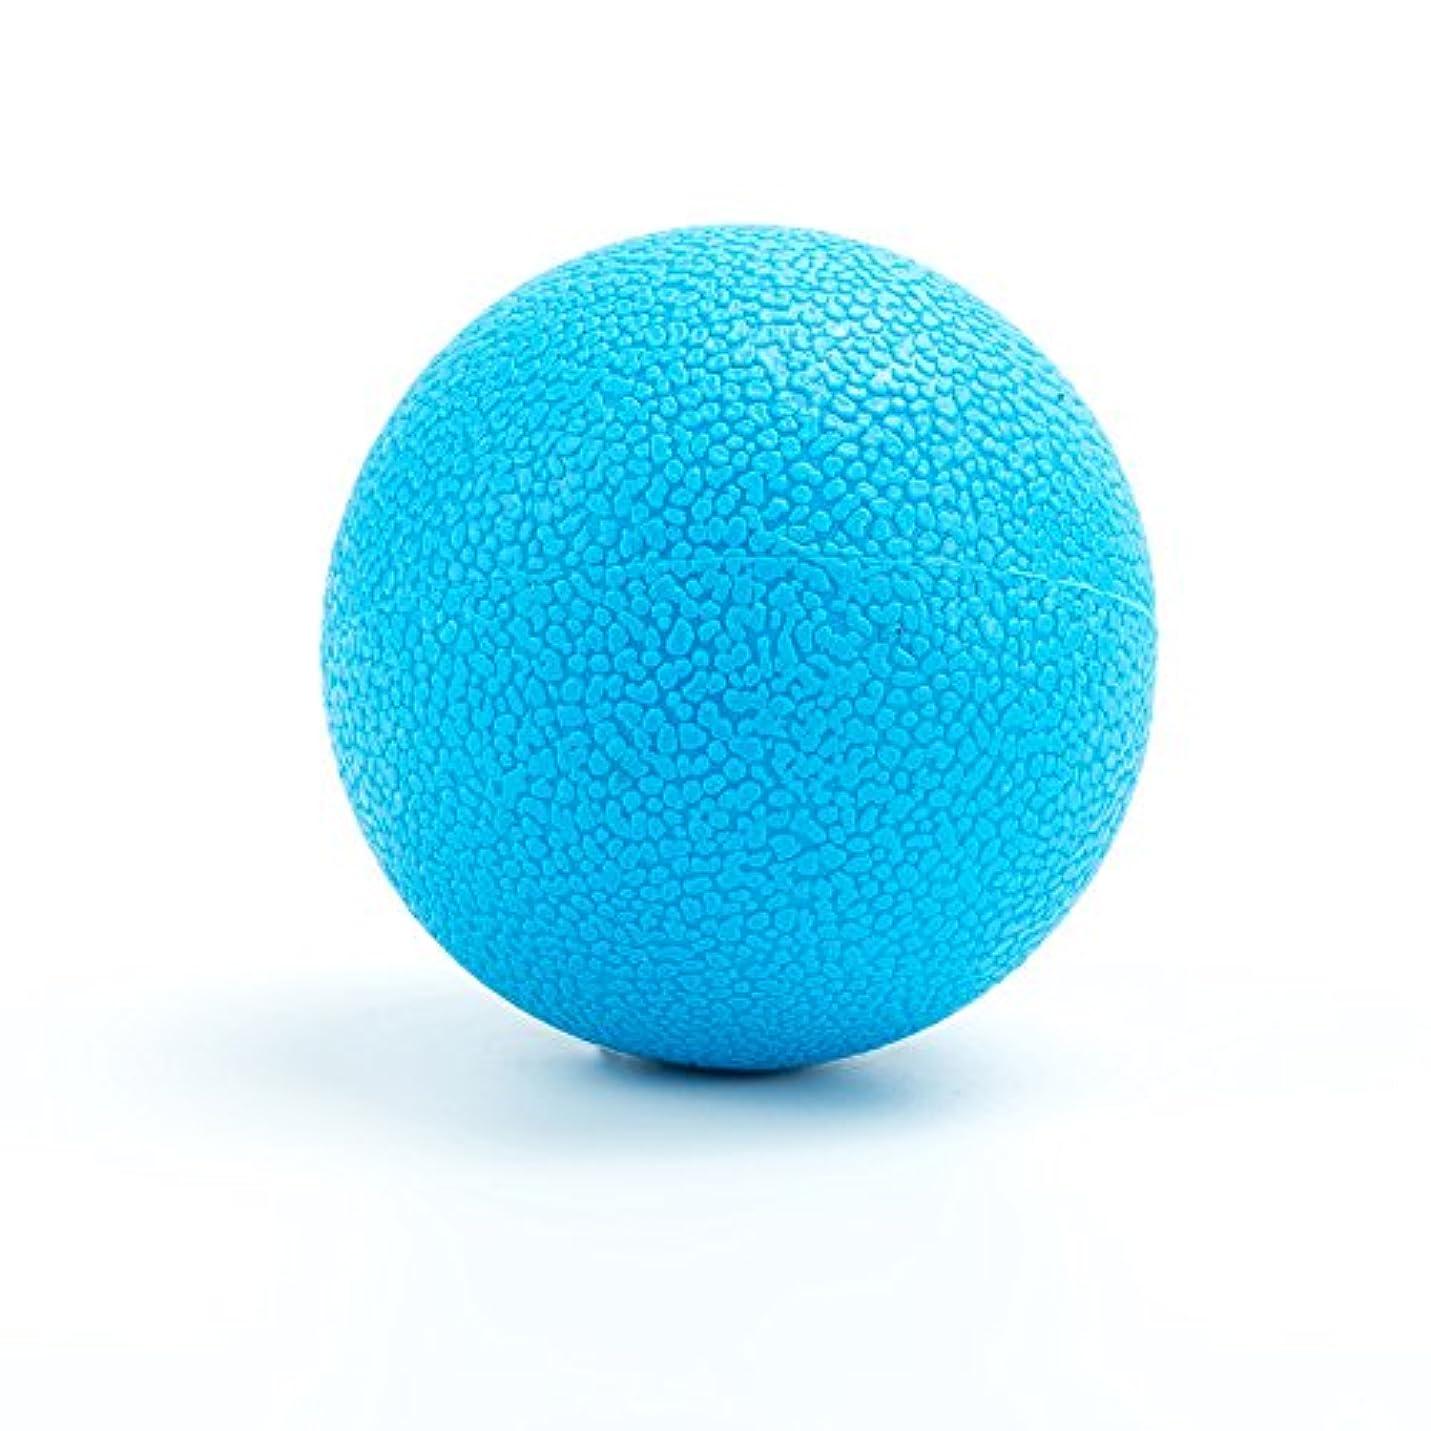 追い付く放射能アサートMassage Ball マッサージボール 筋膜リリース Yoga Lacrosse Ball 背中 肩こり 腰 ふくらはぎ 足裏 ツボ押しグッズ